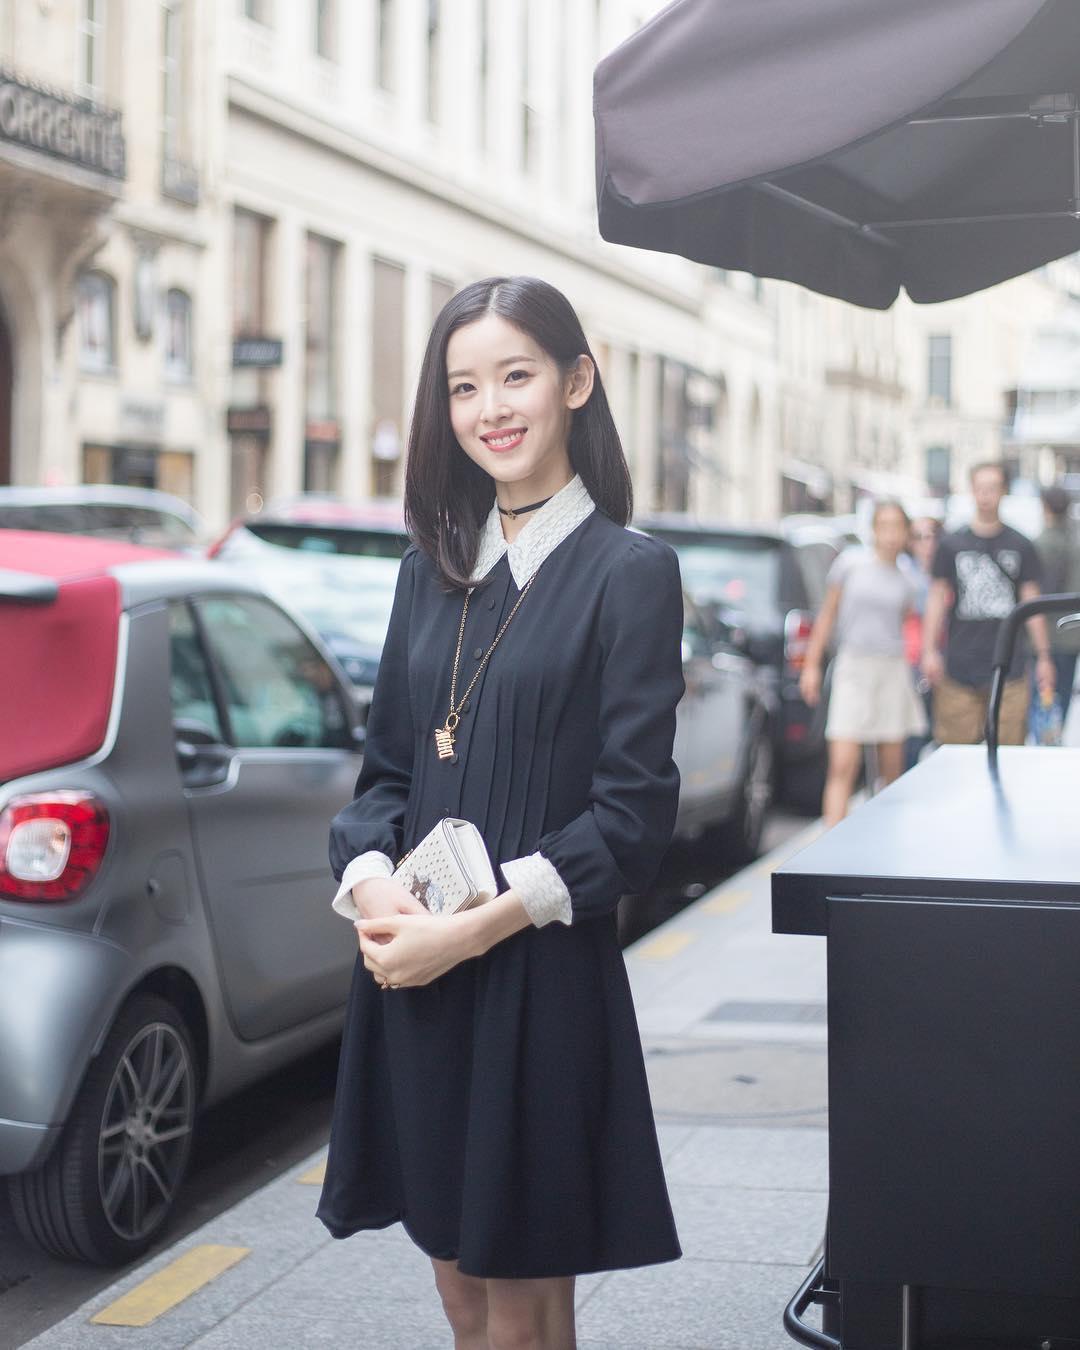 Từ khi lấy chống, hot girl trà sữa Chương Chiết Thiên liên tục diện đồ hiệu, dự sự kiện thời trang danh tiếng-3